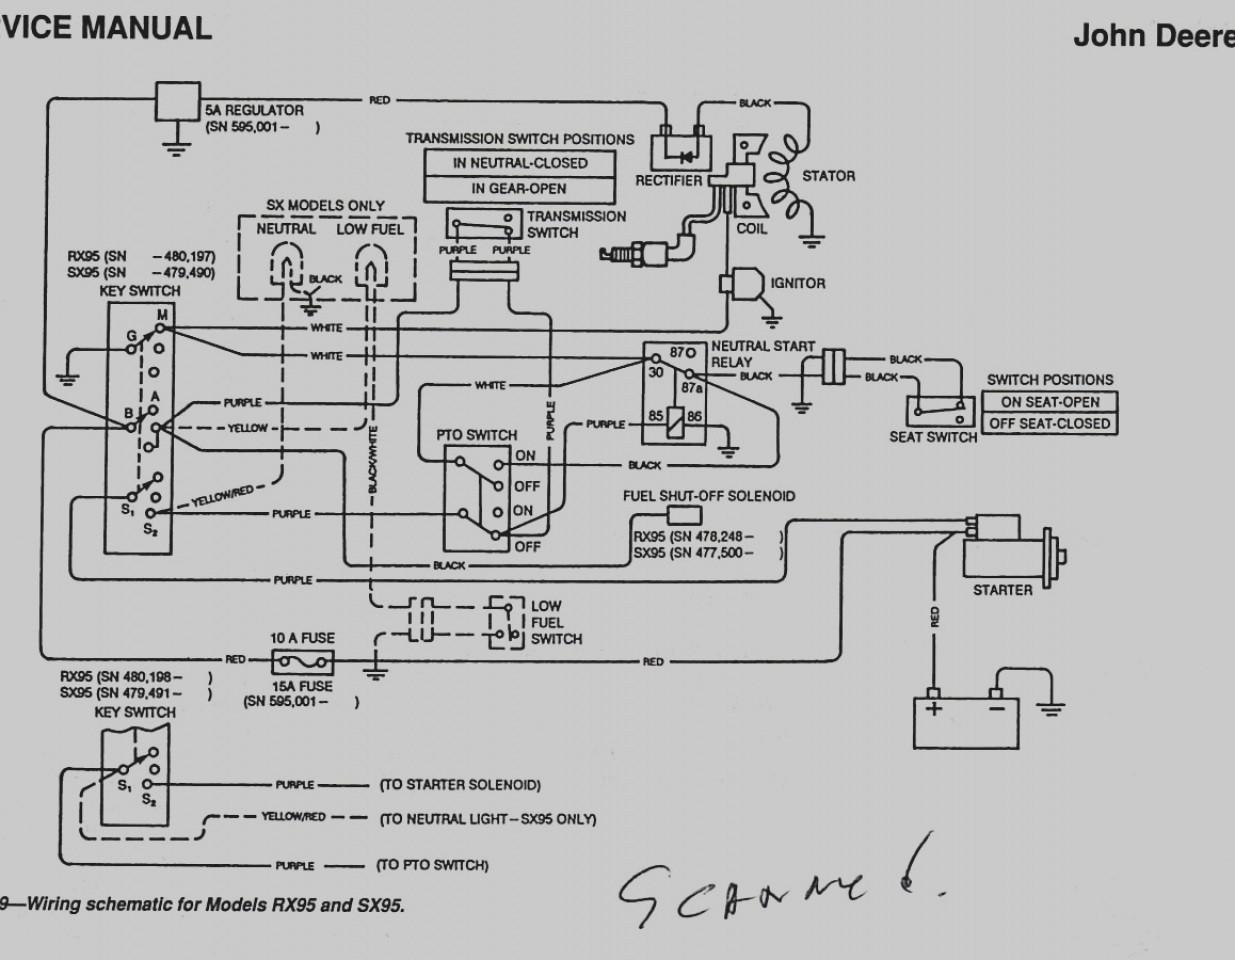 John Deere M00345a071864 Wiring Schematic John Deere L110 Wiring Diagram Download Of John Deere M00345a071864 Wiring Schematic